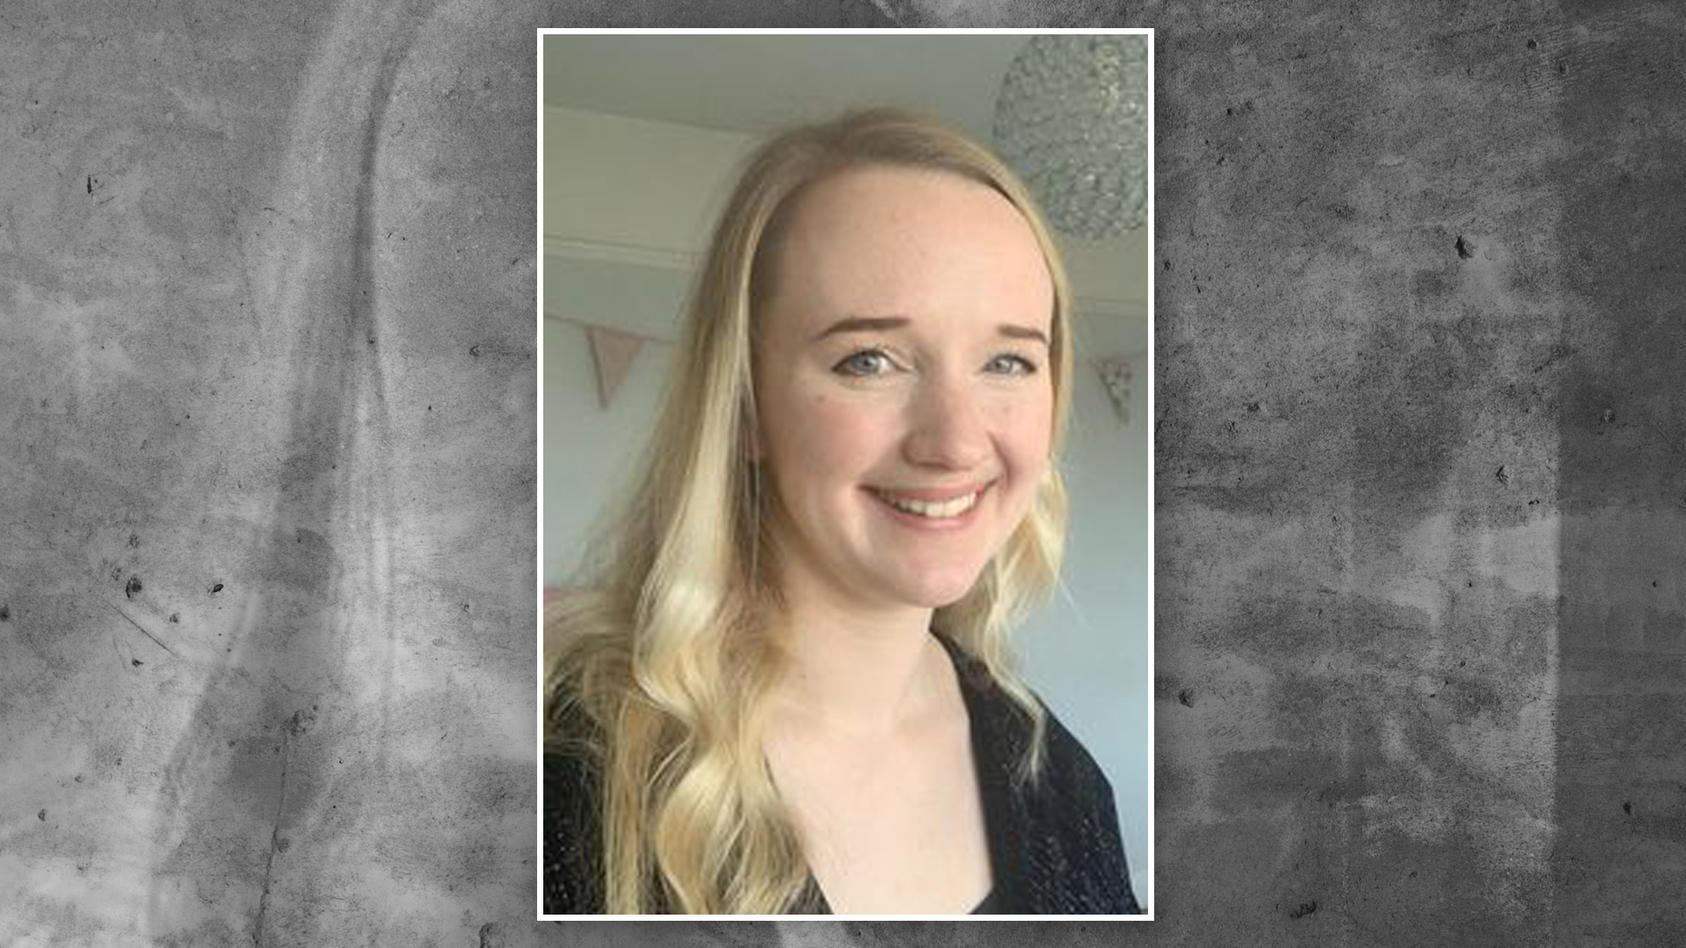 Die 27-jährige Jessica Brady aus Großbritannien starb im Dezember 2020 an Leberkrebs.